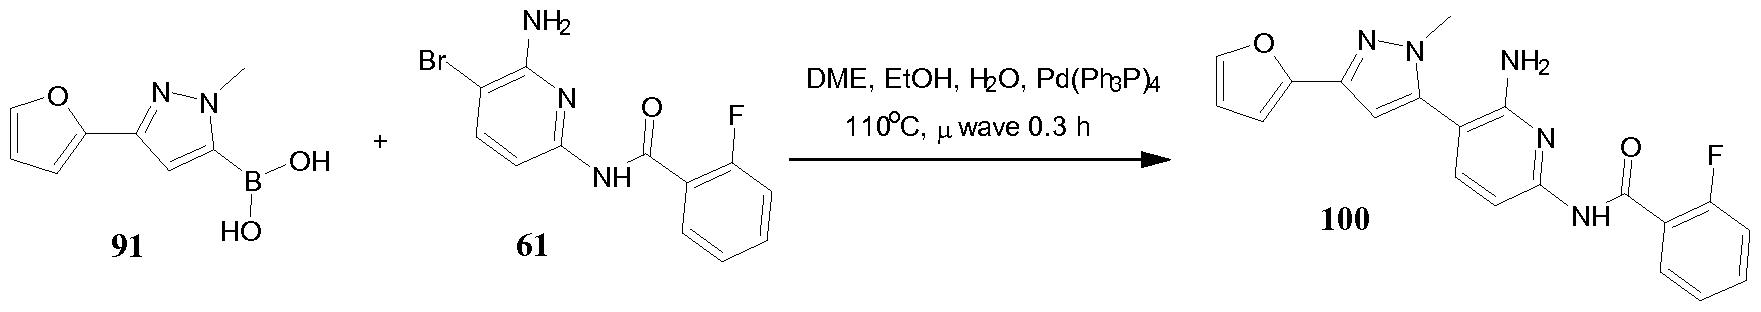 Figure imgf000238_0003